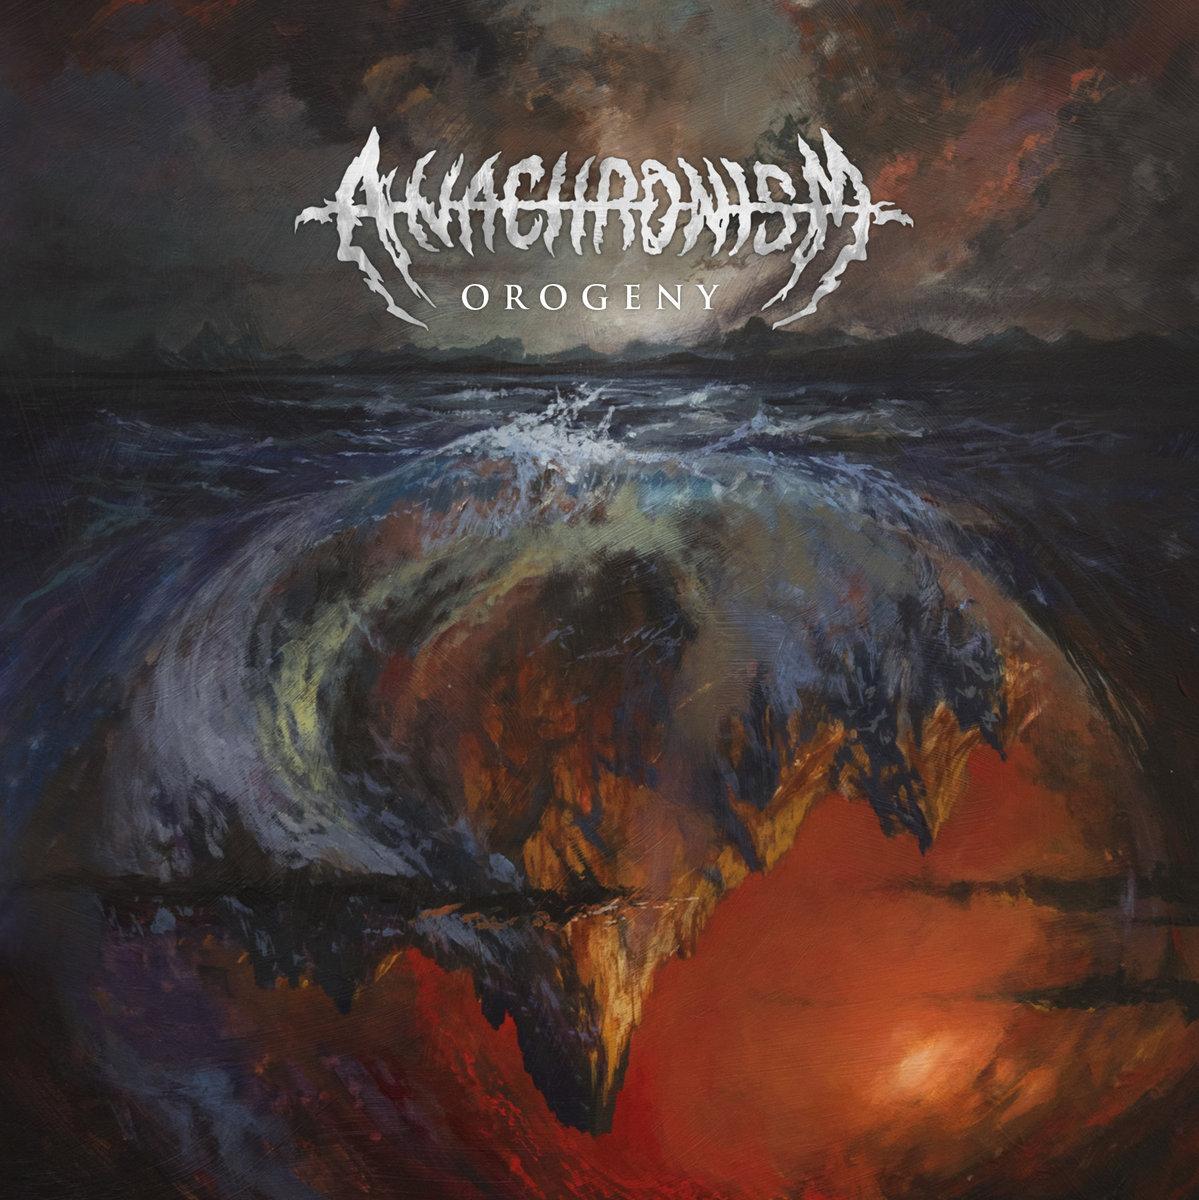 [2018] Anachronism – Orogeny